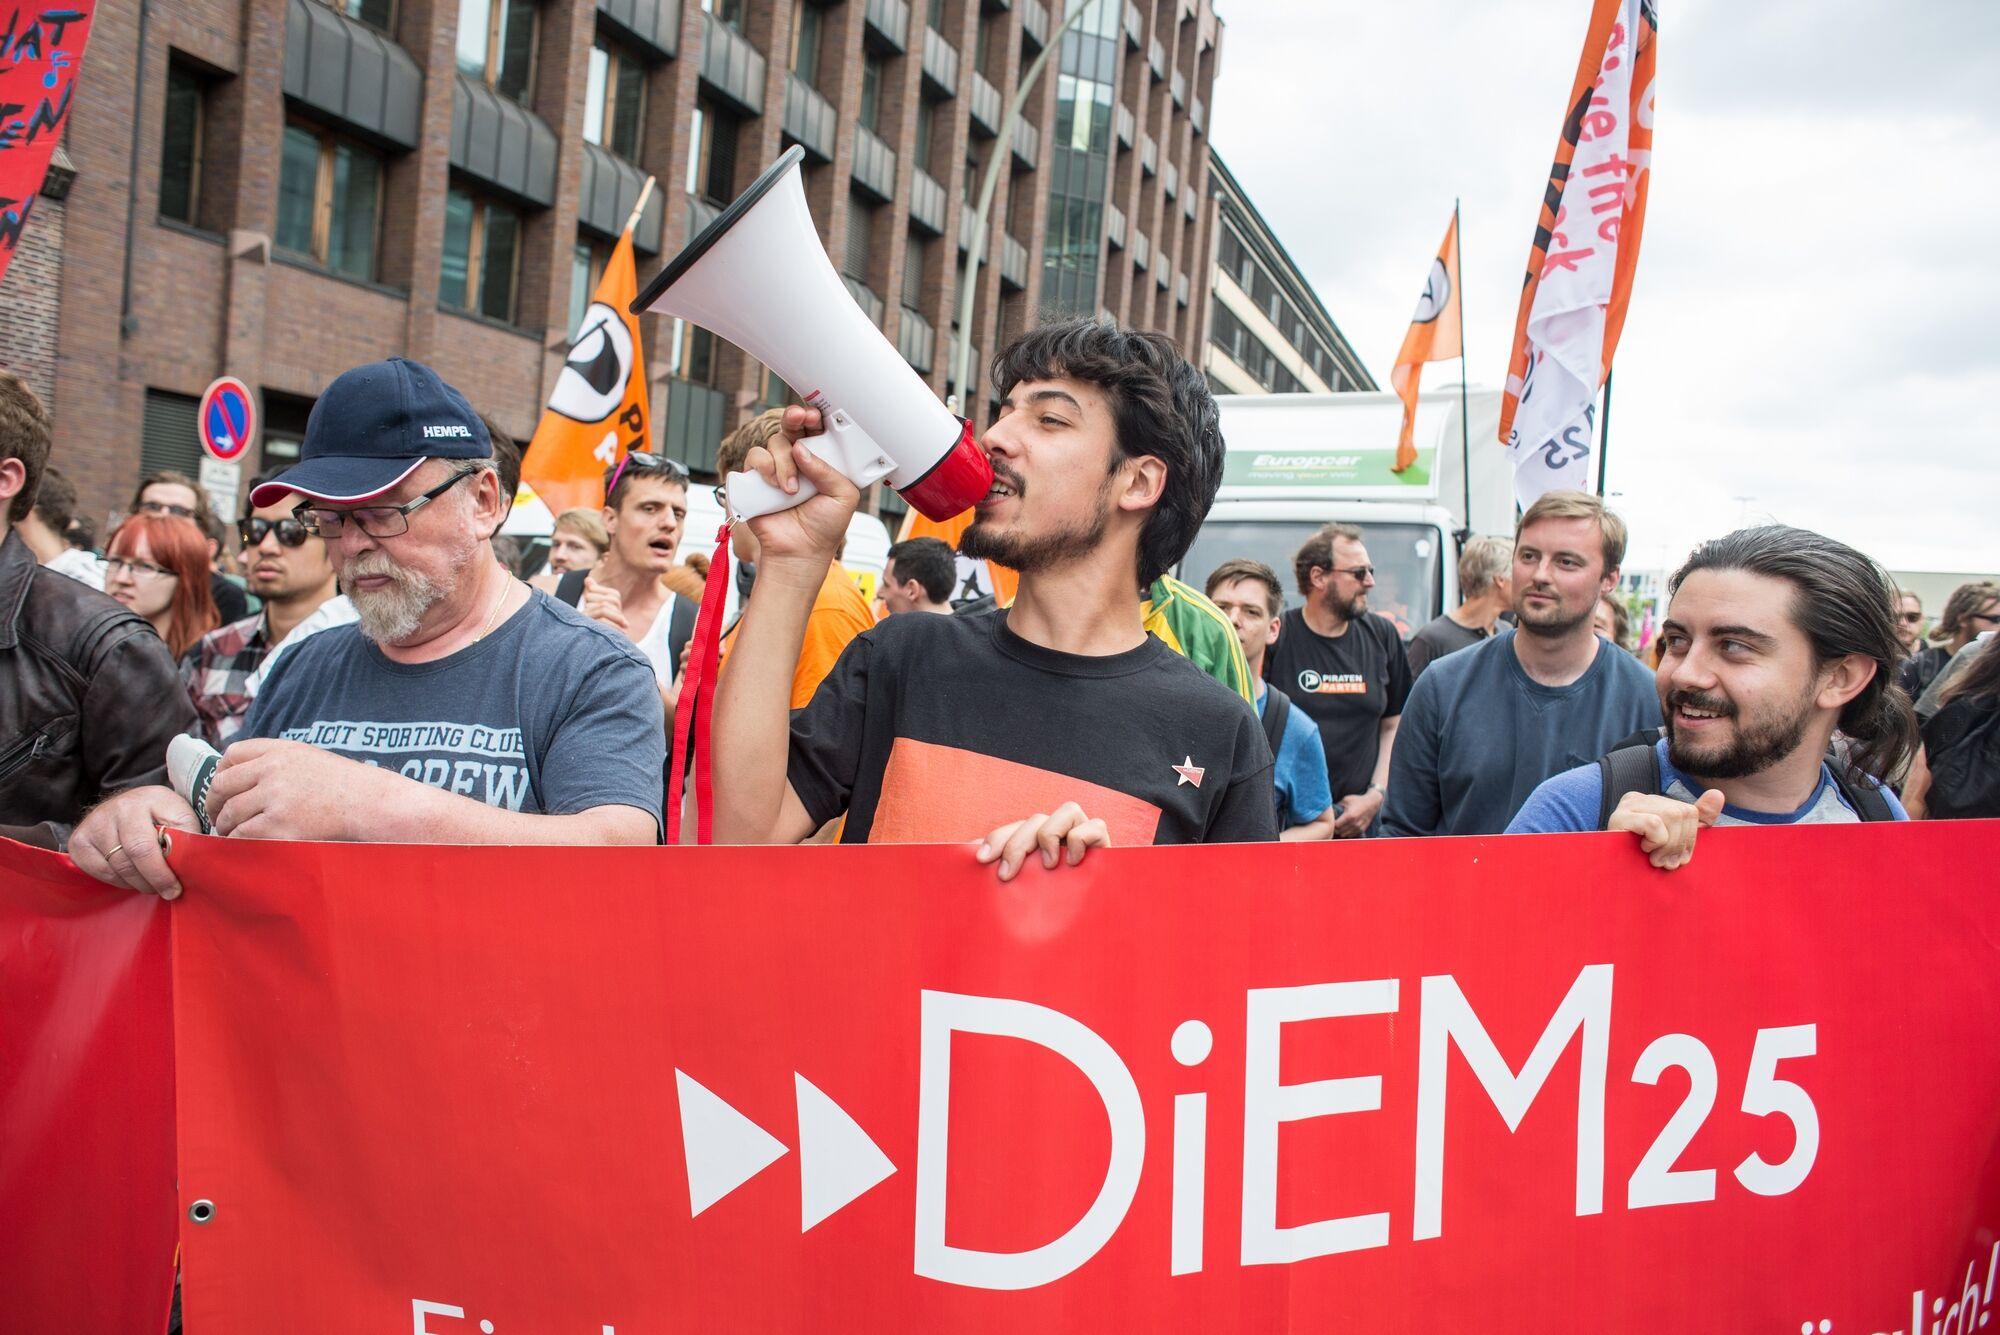 Grenzenloser Klimastreik – Aachen, 21. Juni